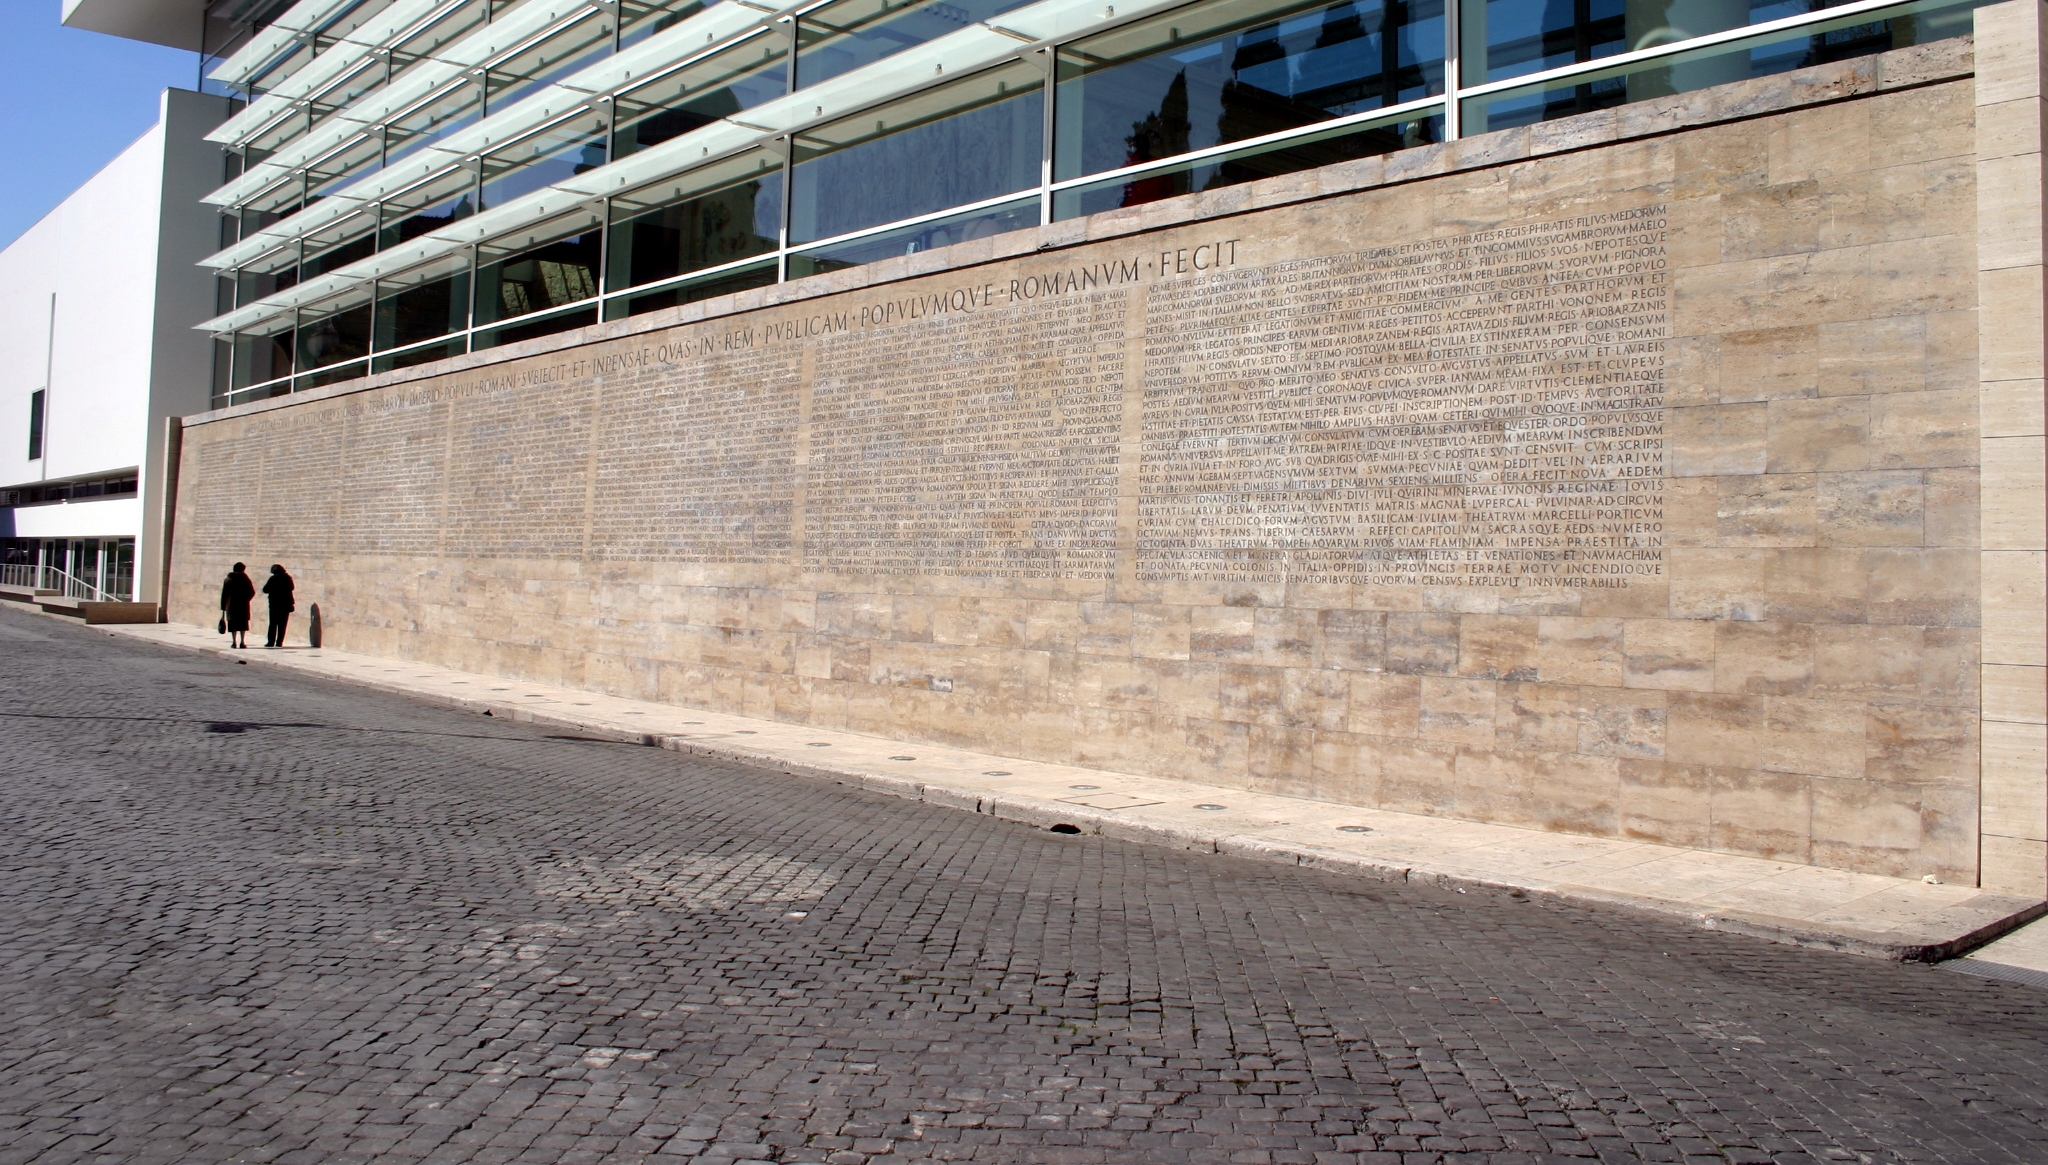 File 8169 roma testo monumentum ancyranum presso ara pacis foto giovanni dall 39 orto 29 mar - Res gestae divi augusti pdf ...